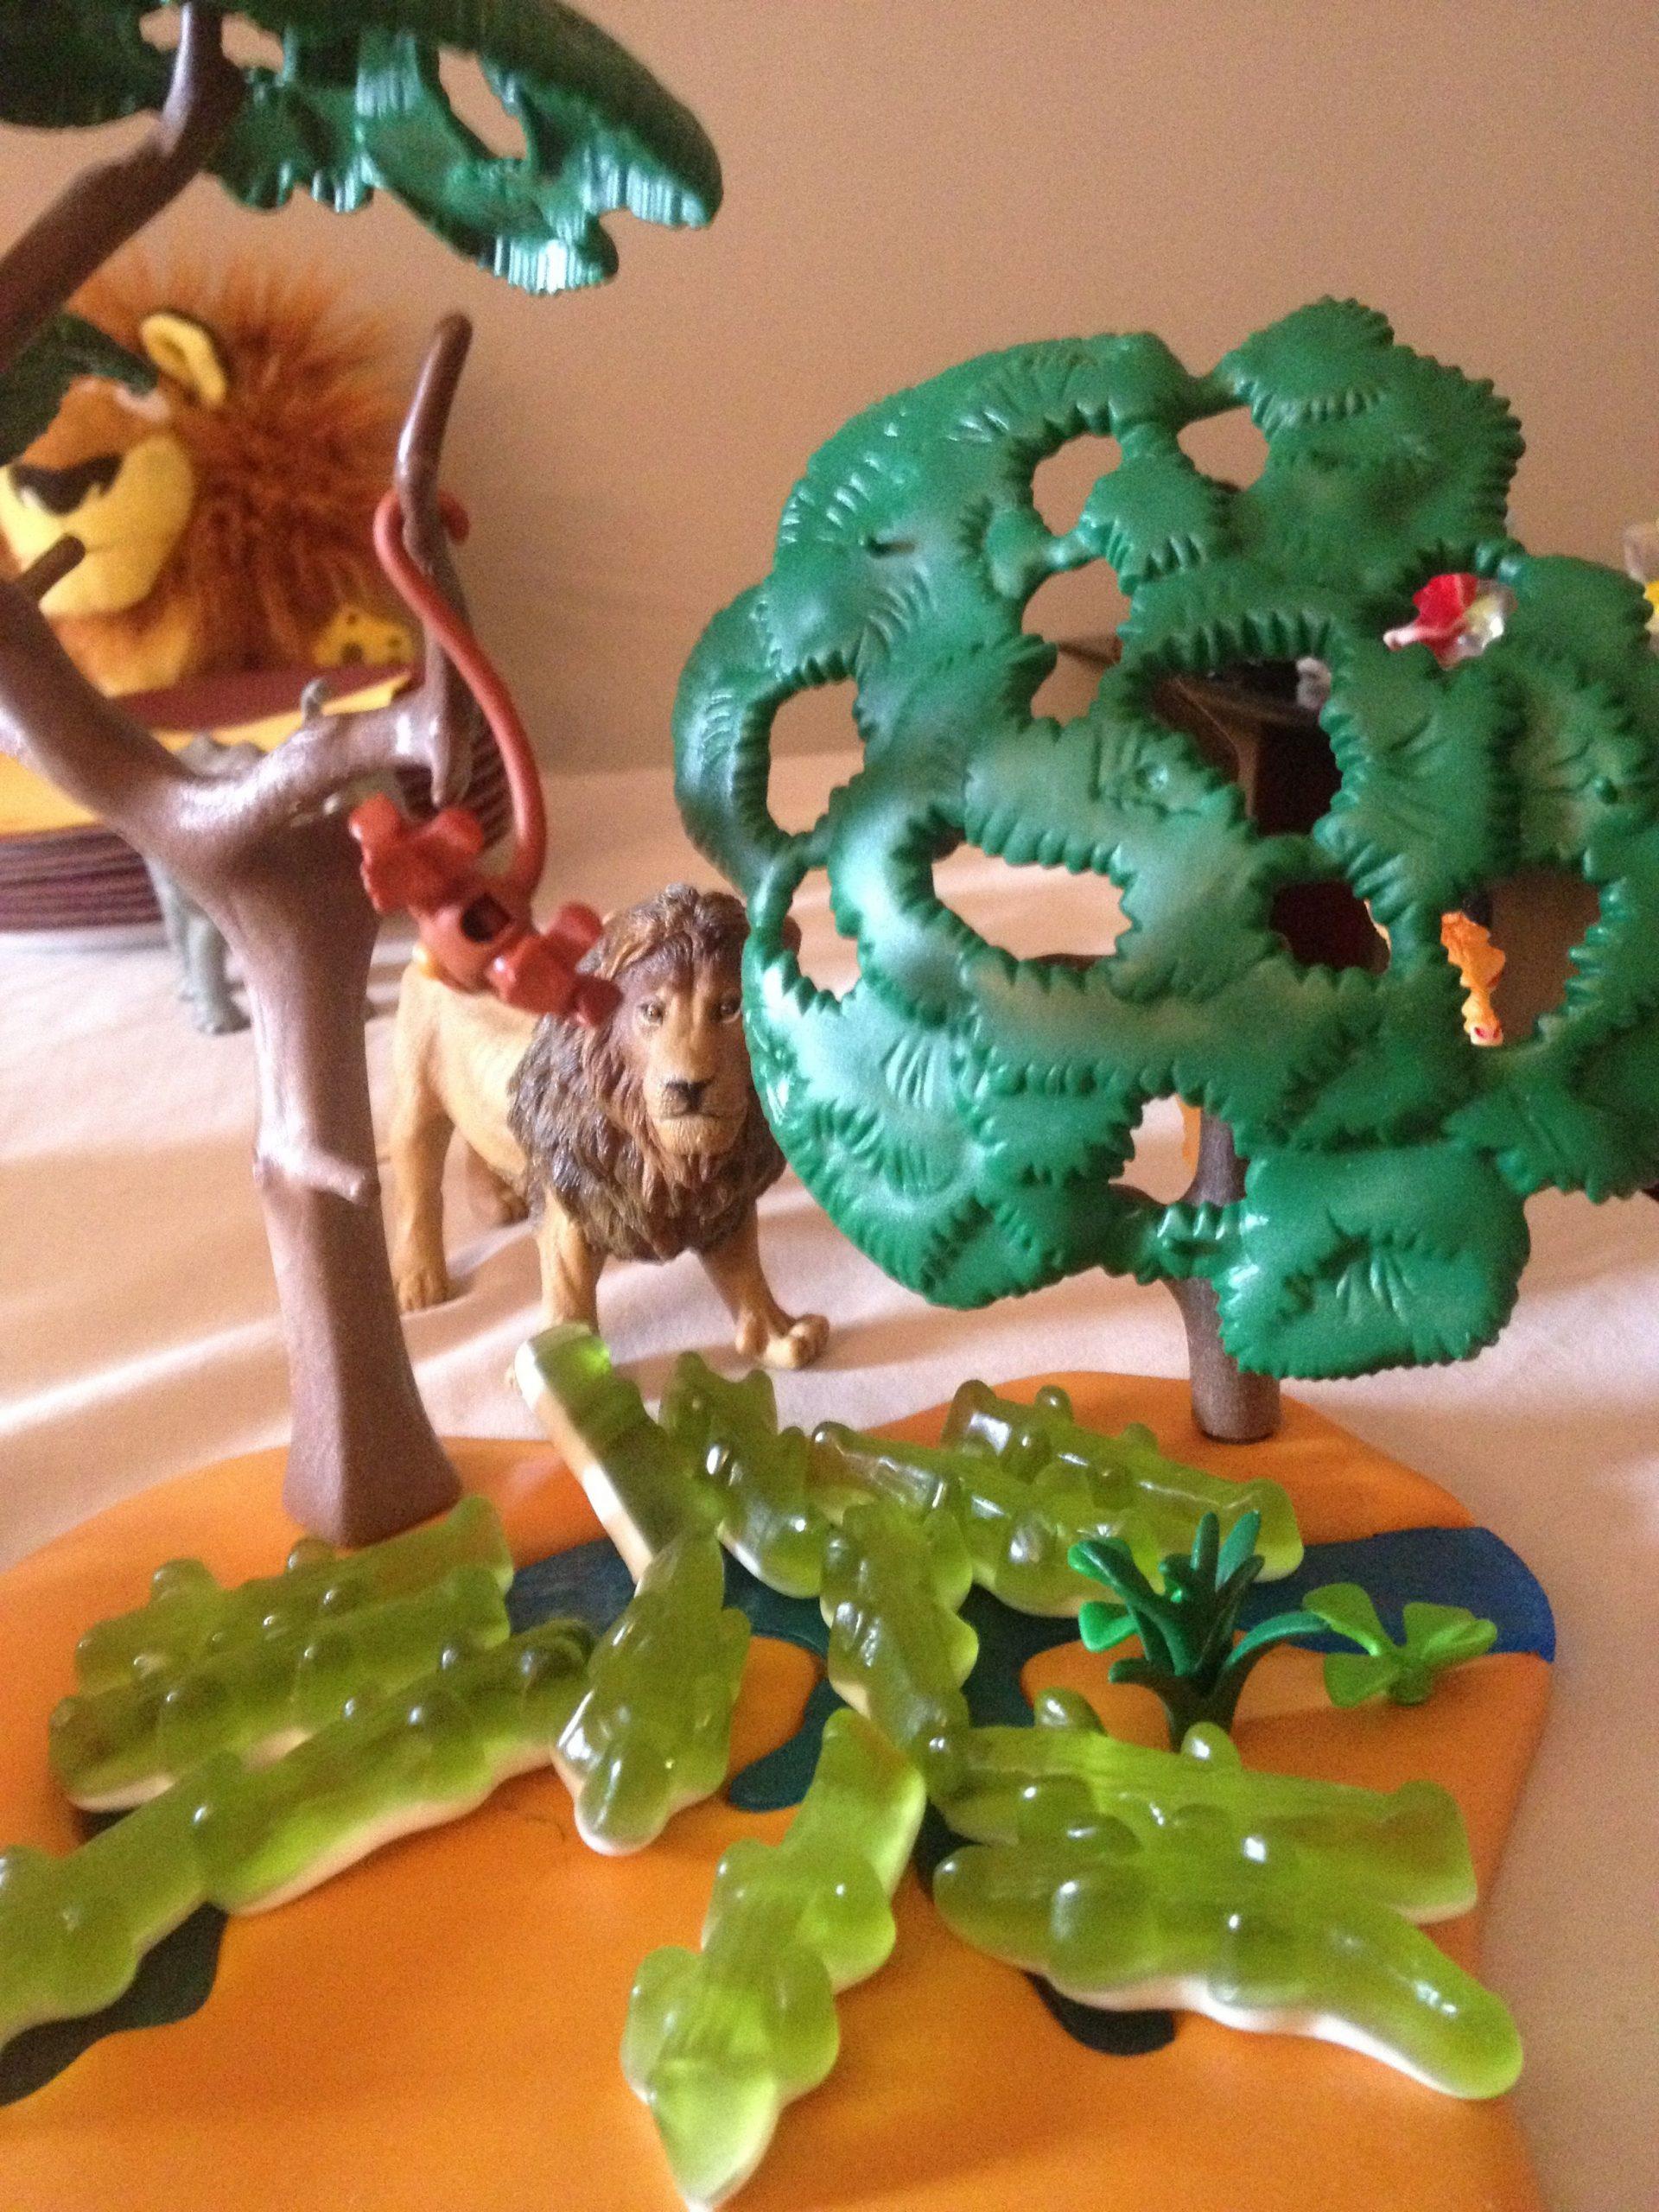 Déco Anniversaire Savane - Crocodile Haribo - Jeux Playmobil dedans Jeux De Savane